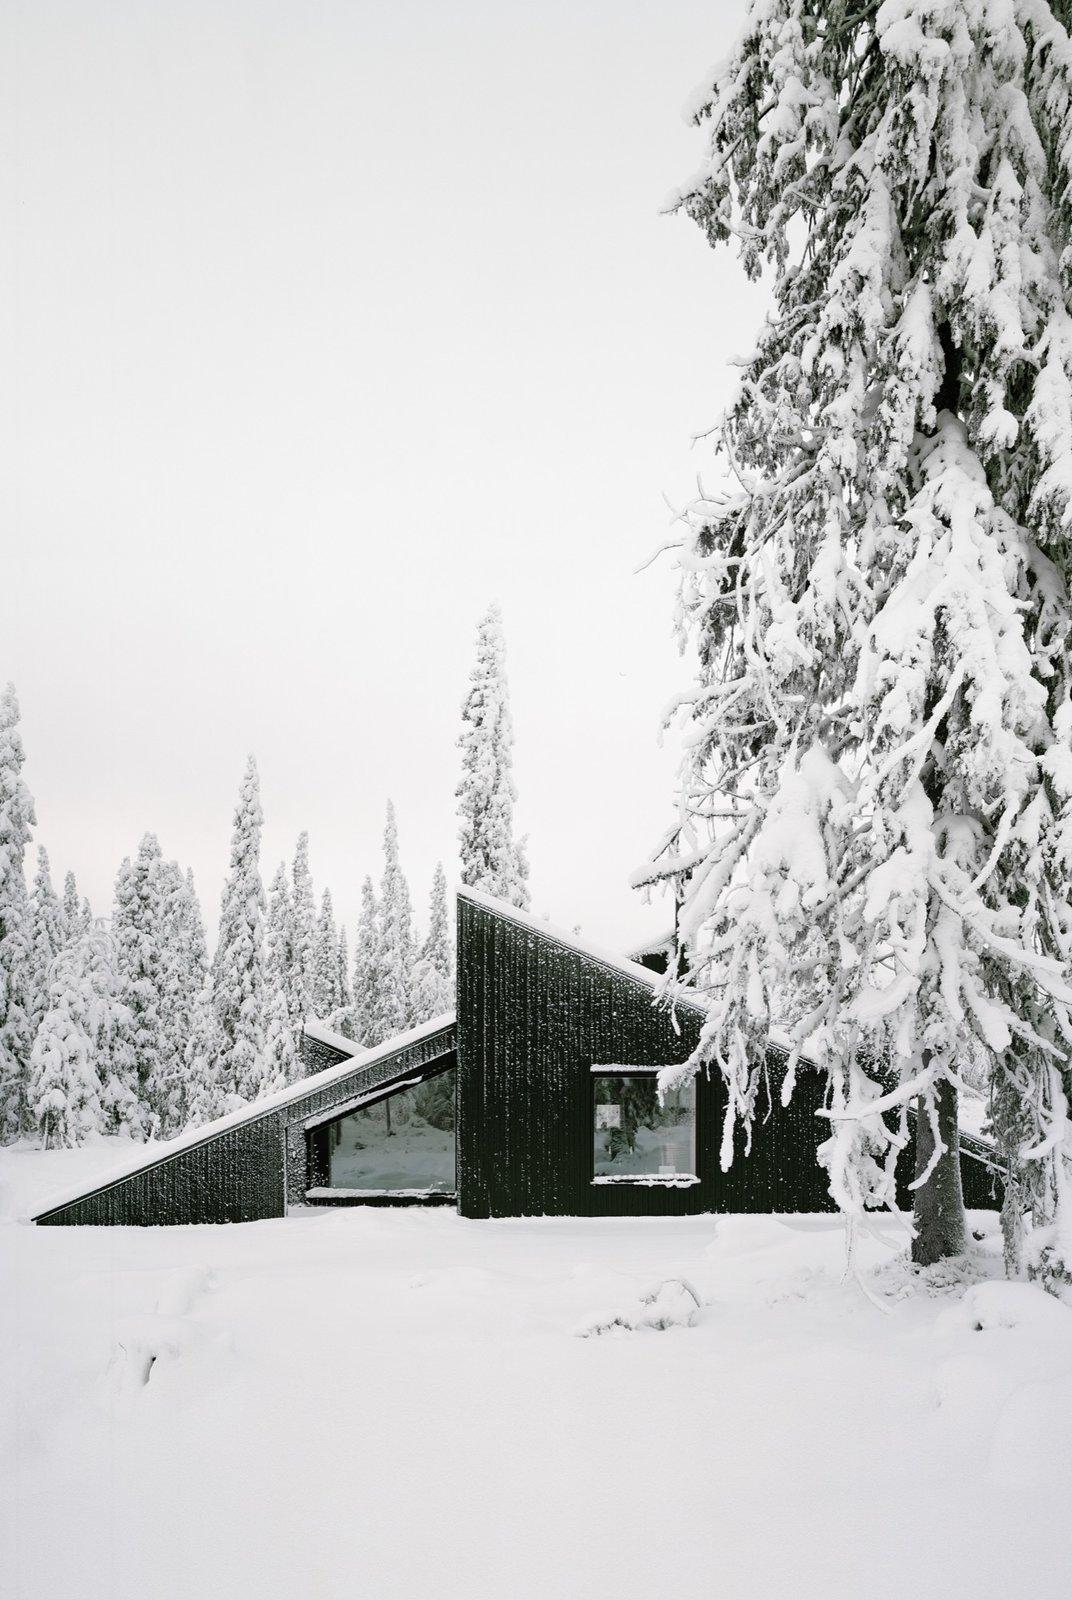 minimalist scandinavian cabins exterior snow Norway